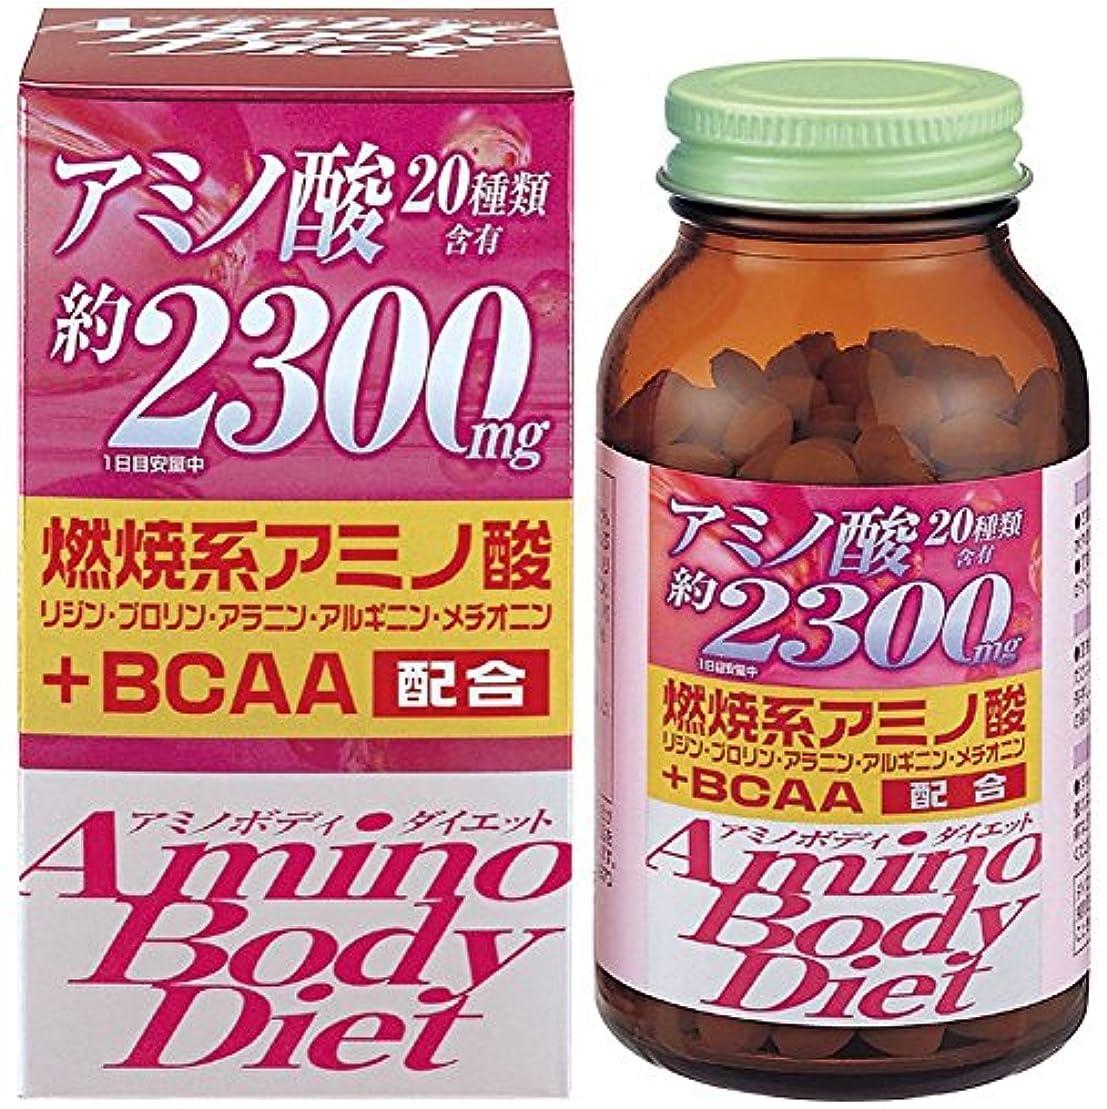 懲らしめ作物微弱アミノボディダイエット粒 300粒×(5セット)